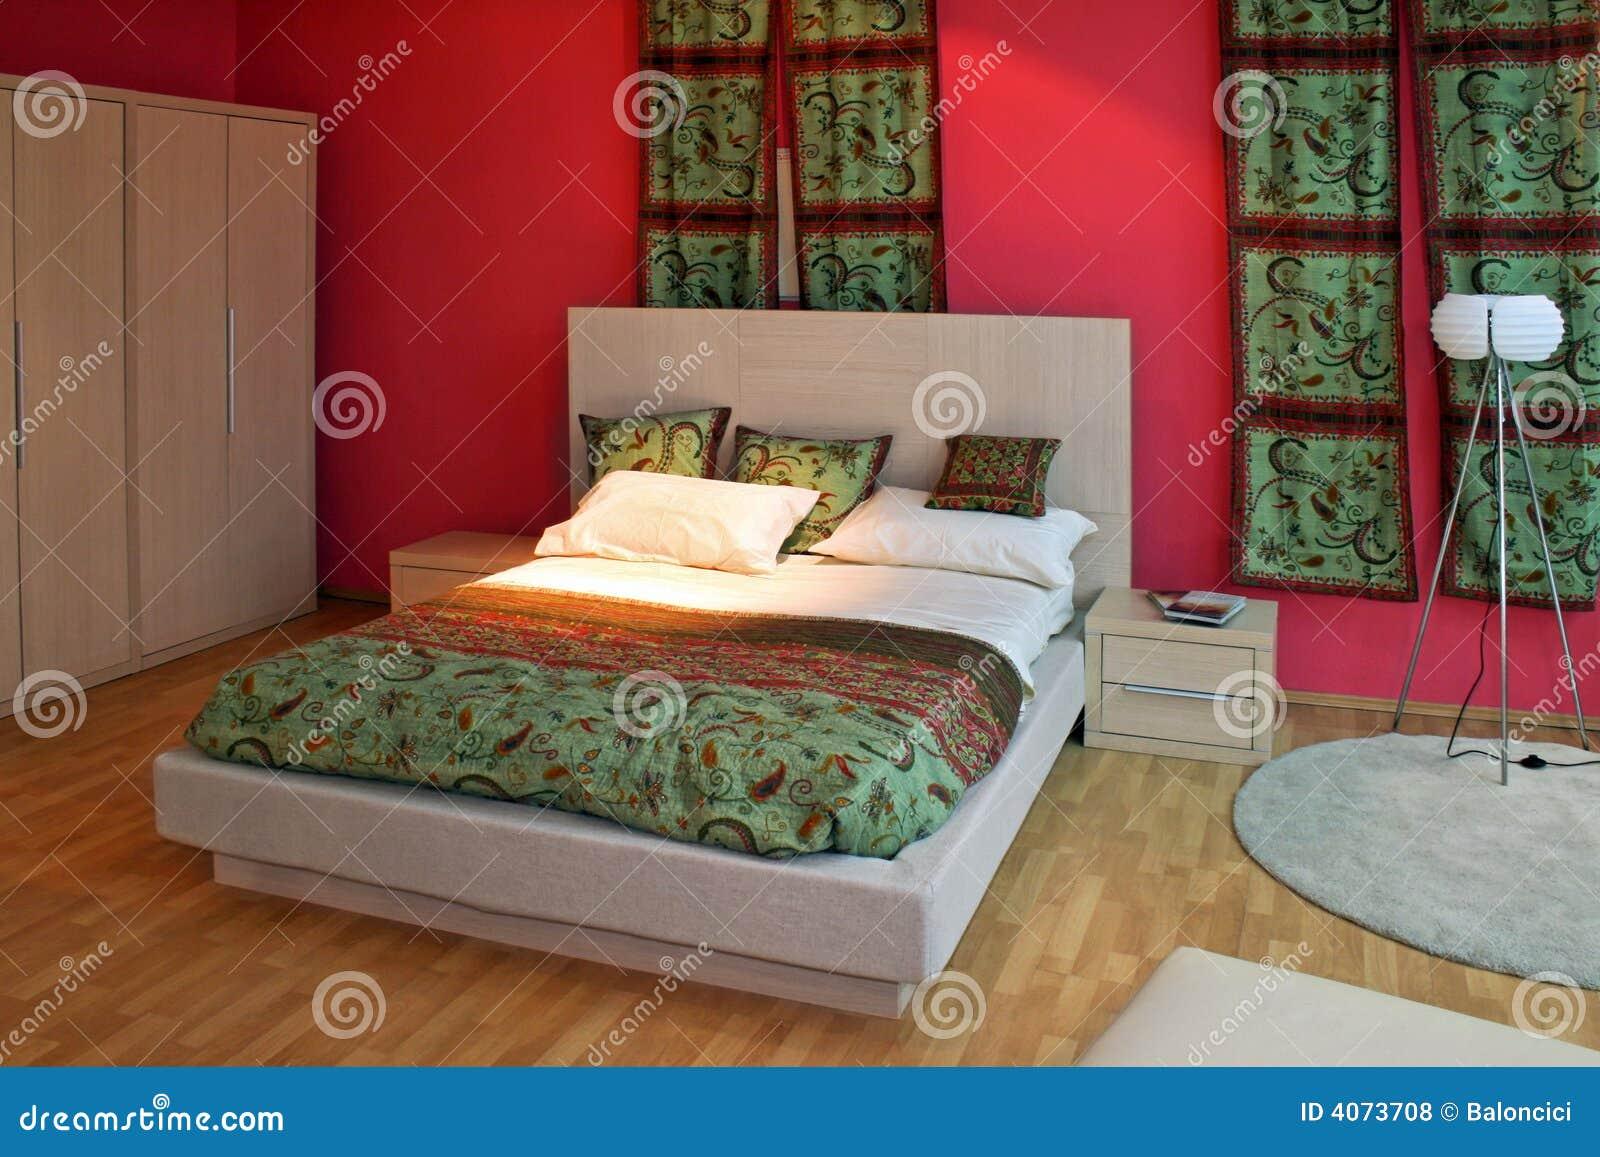 Orientalisches schlafzimmer bilder – midir